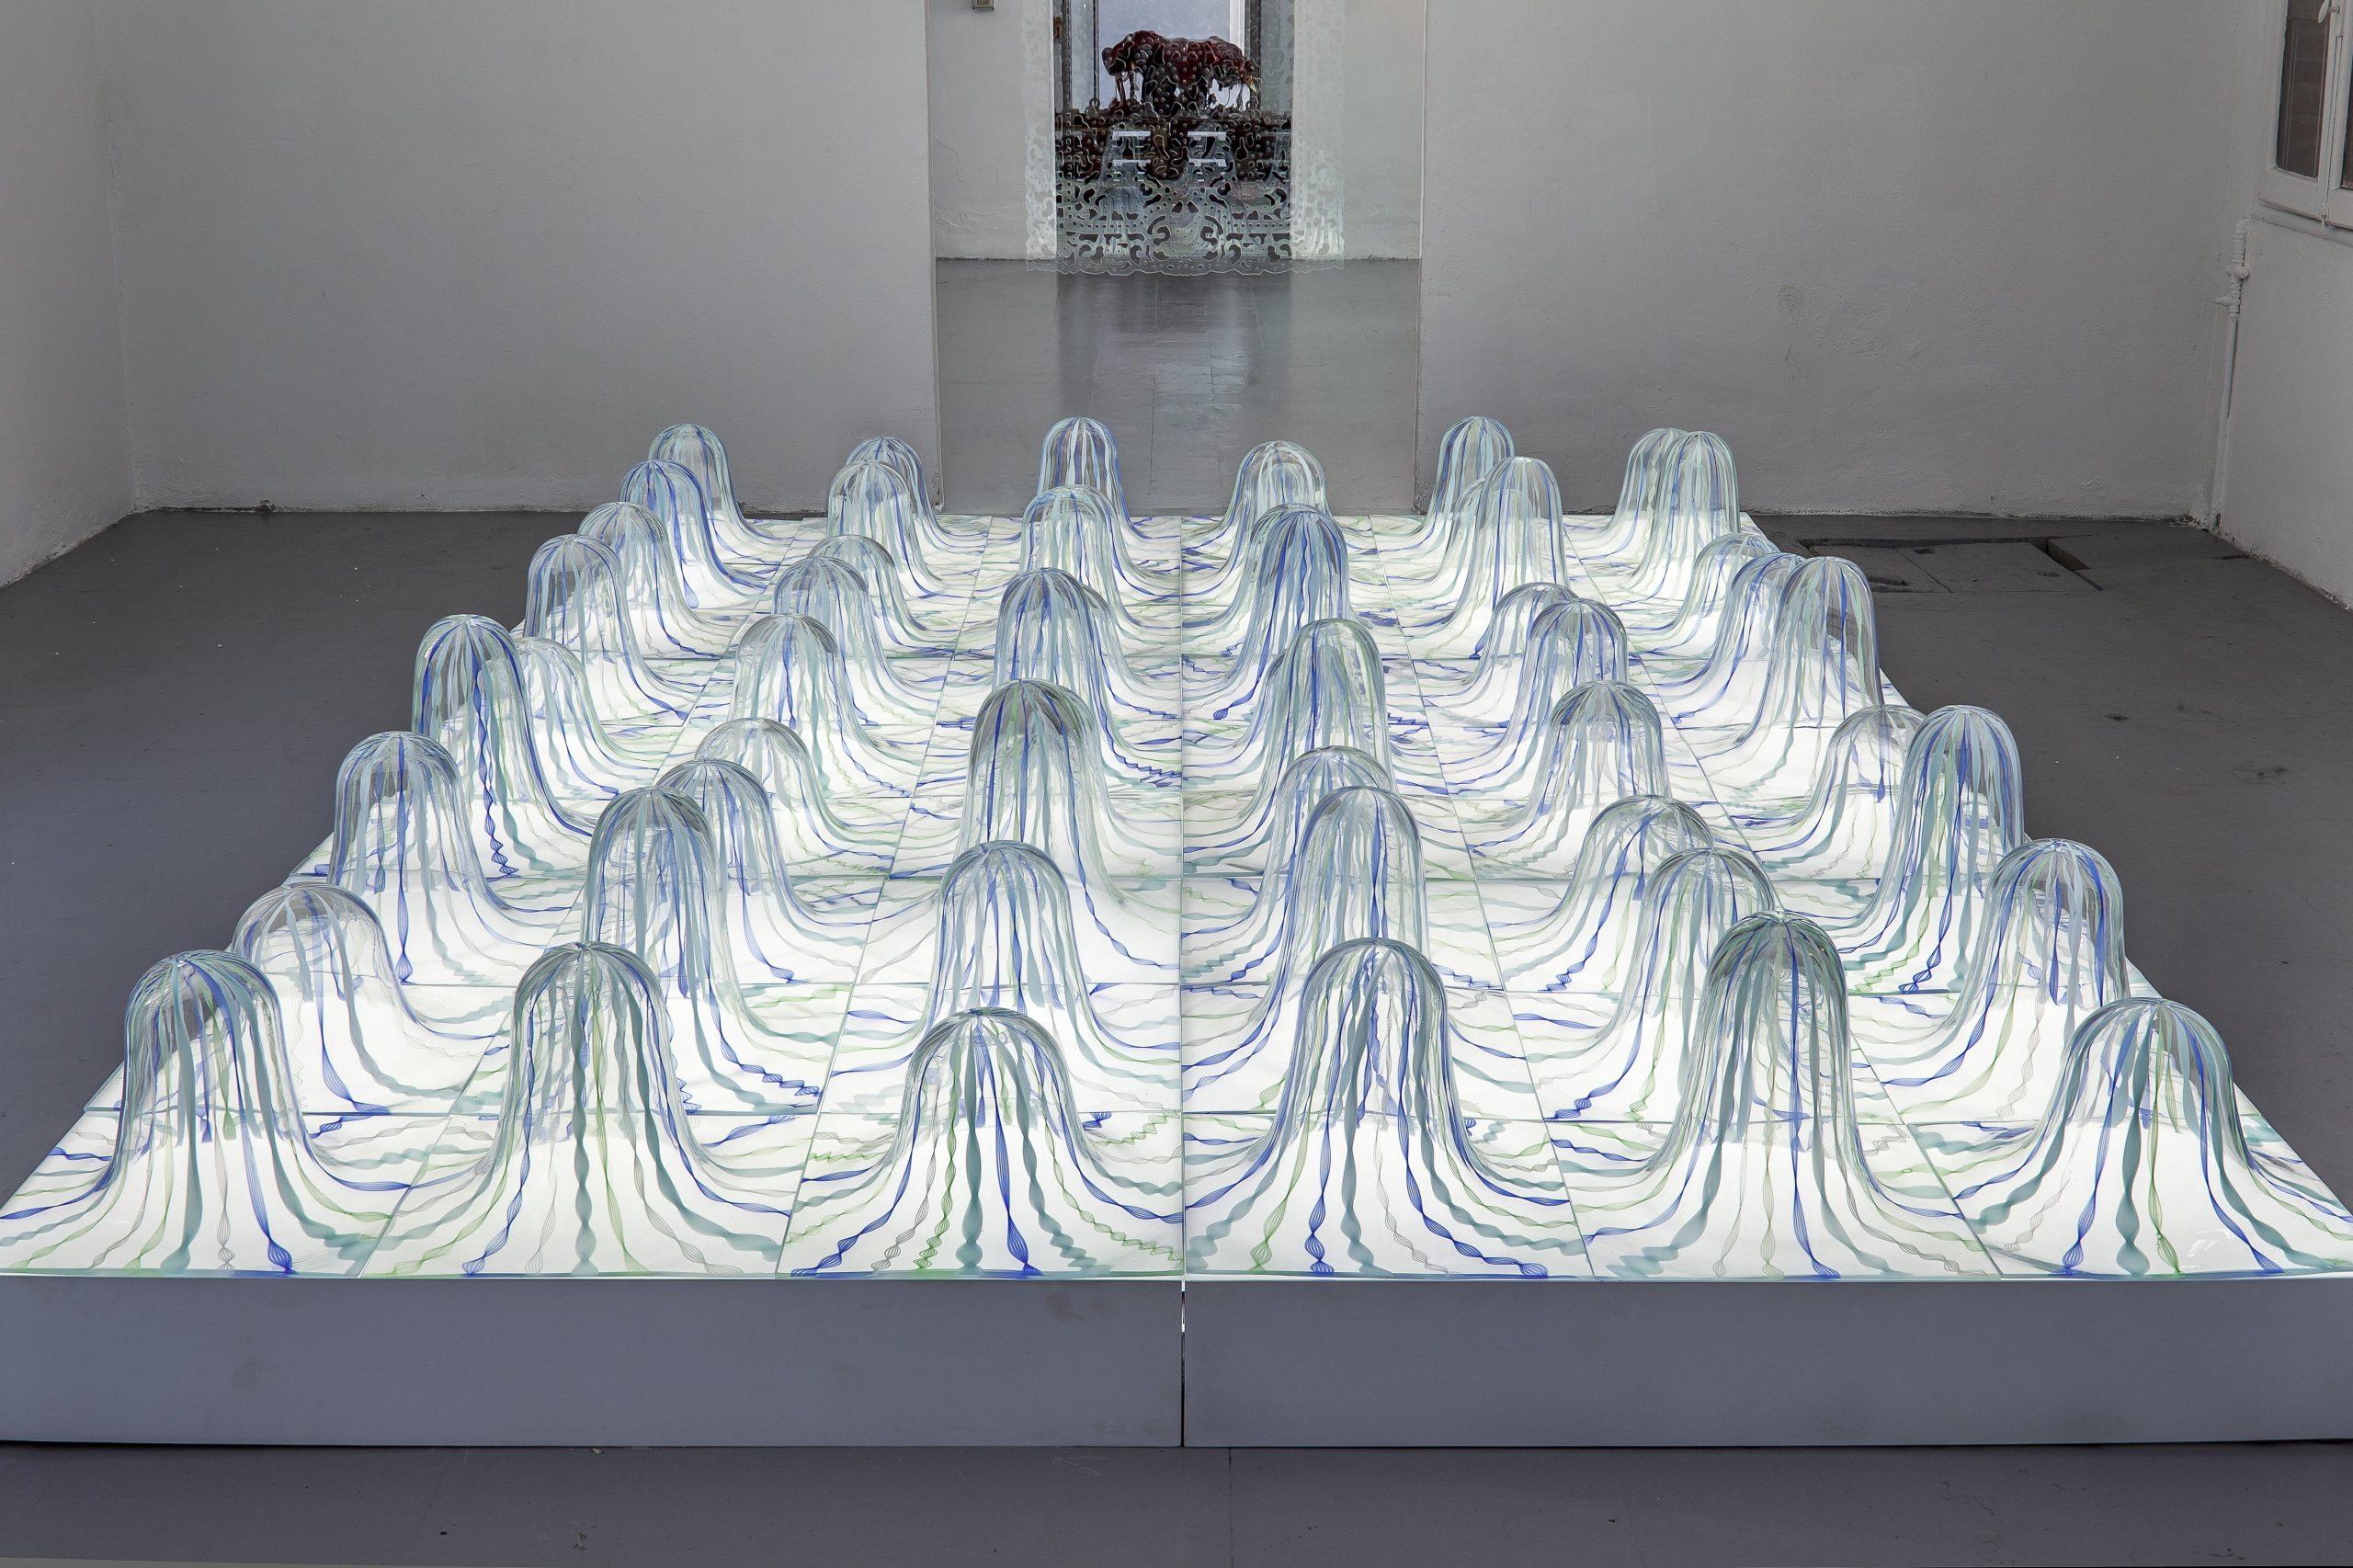 Karim Rashid's Glaskape, 2013